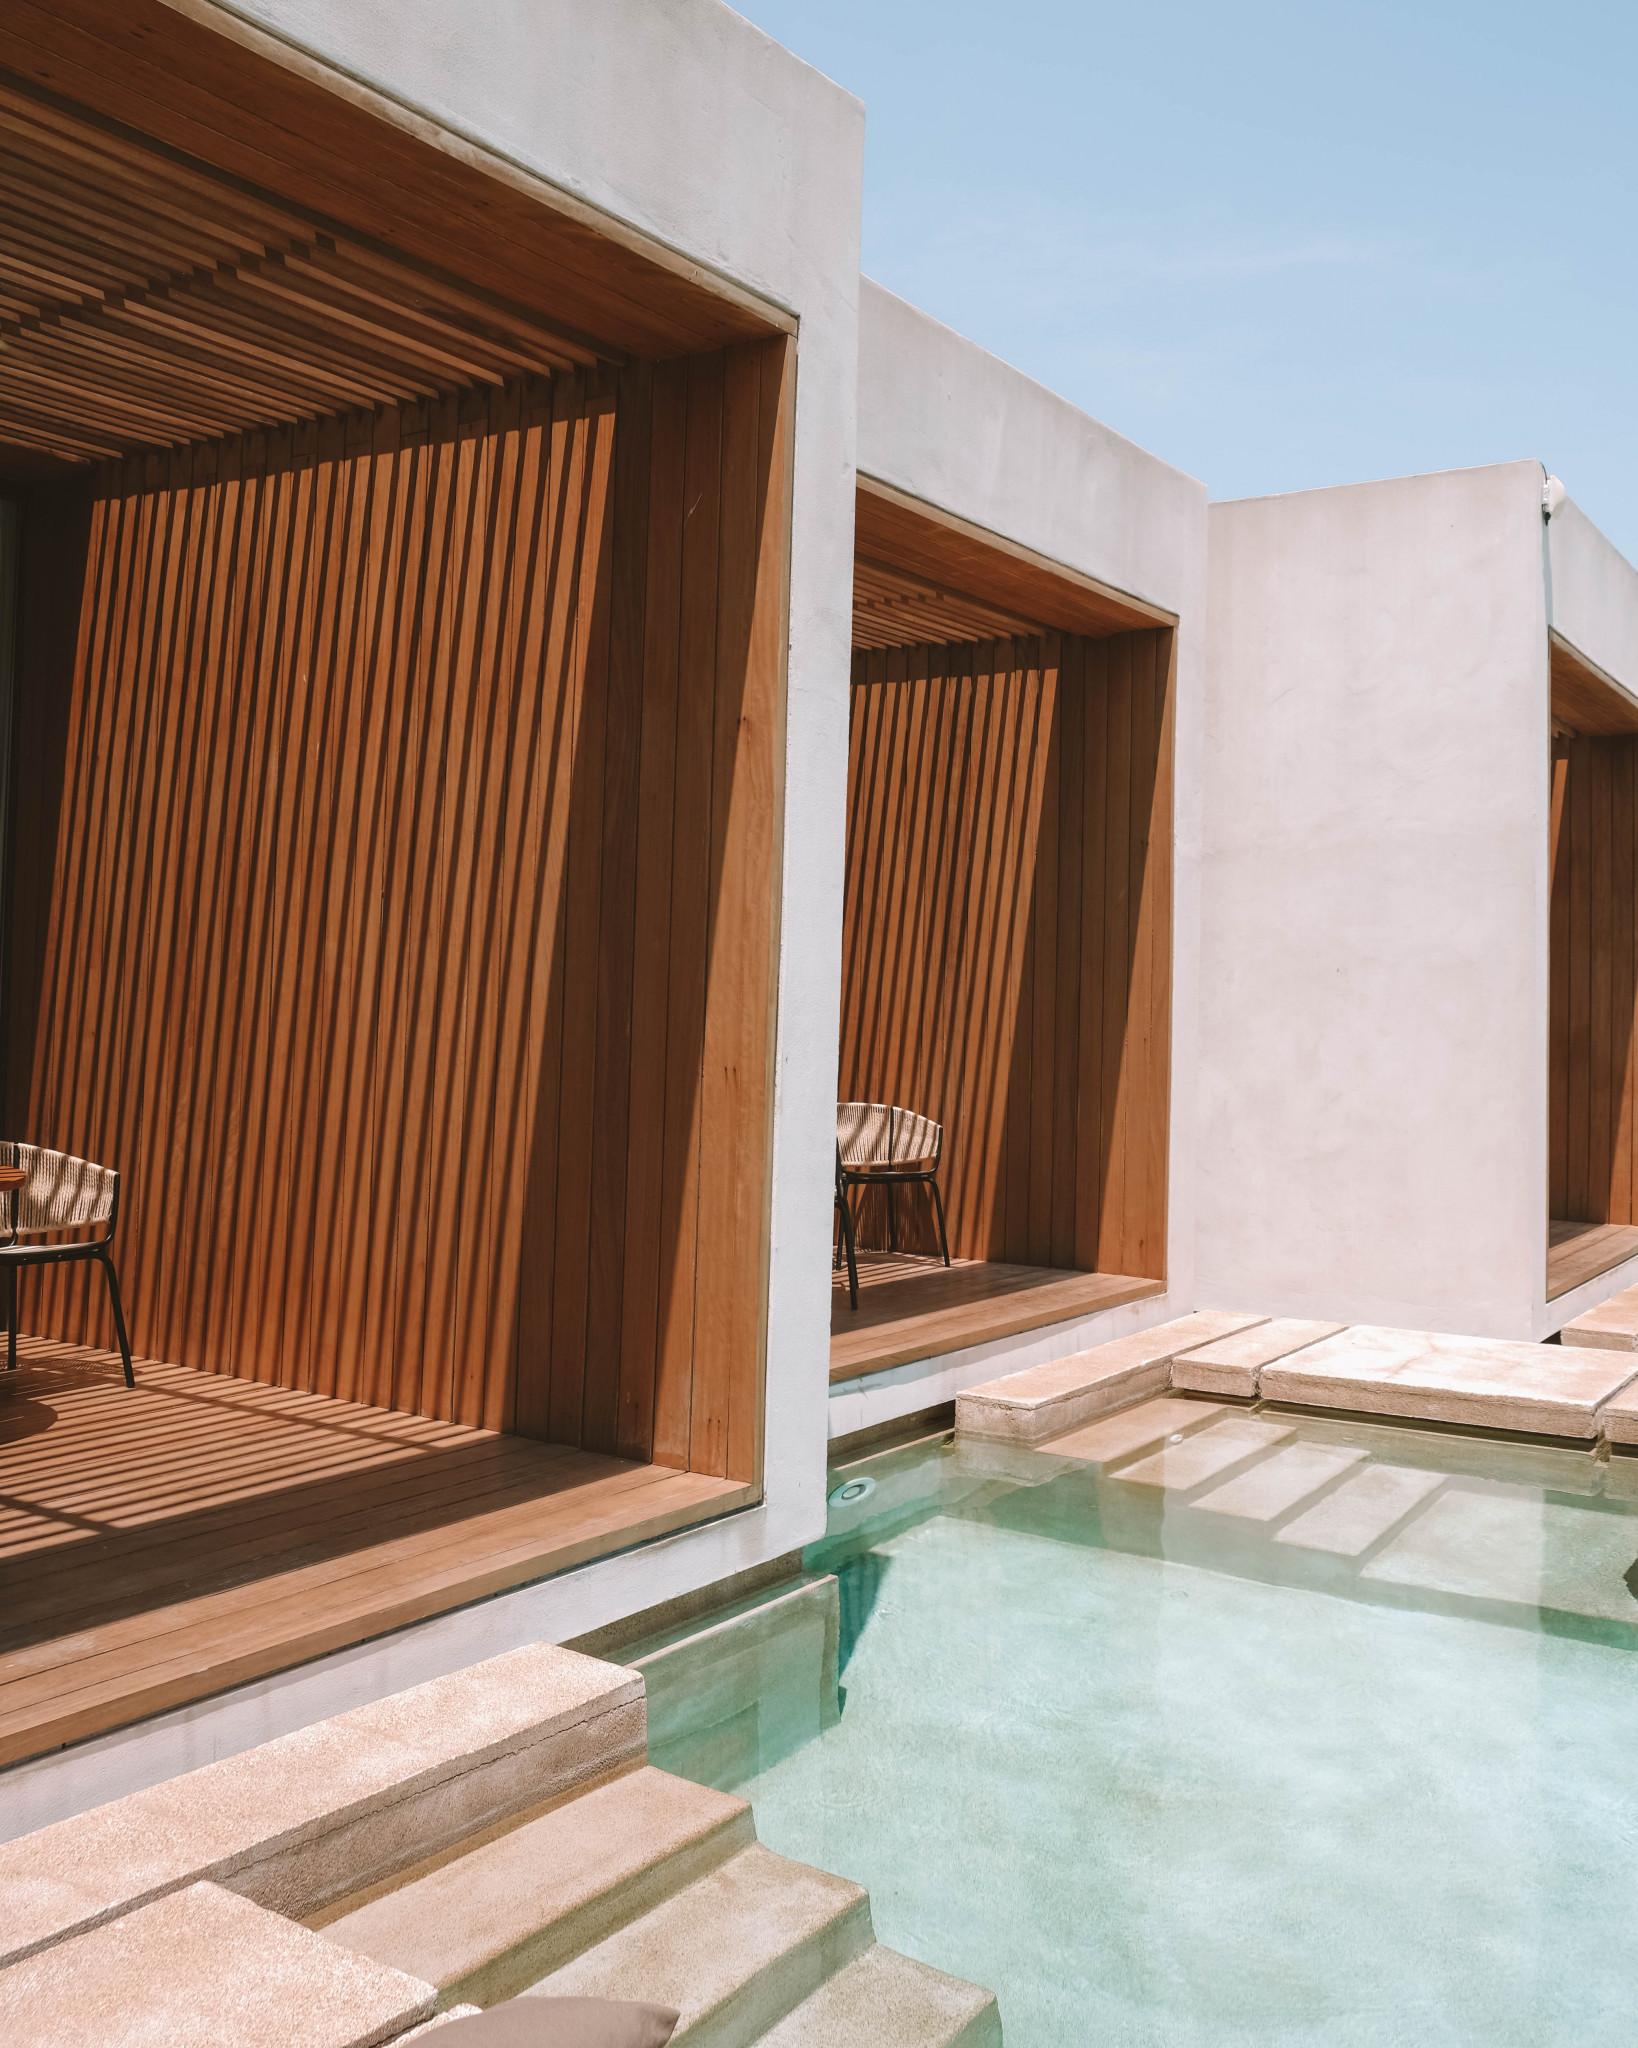 Grèce : Olea All Suite Hotel, bijou de design et de sérénite sur l'île de Zakynthos - 7